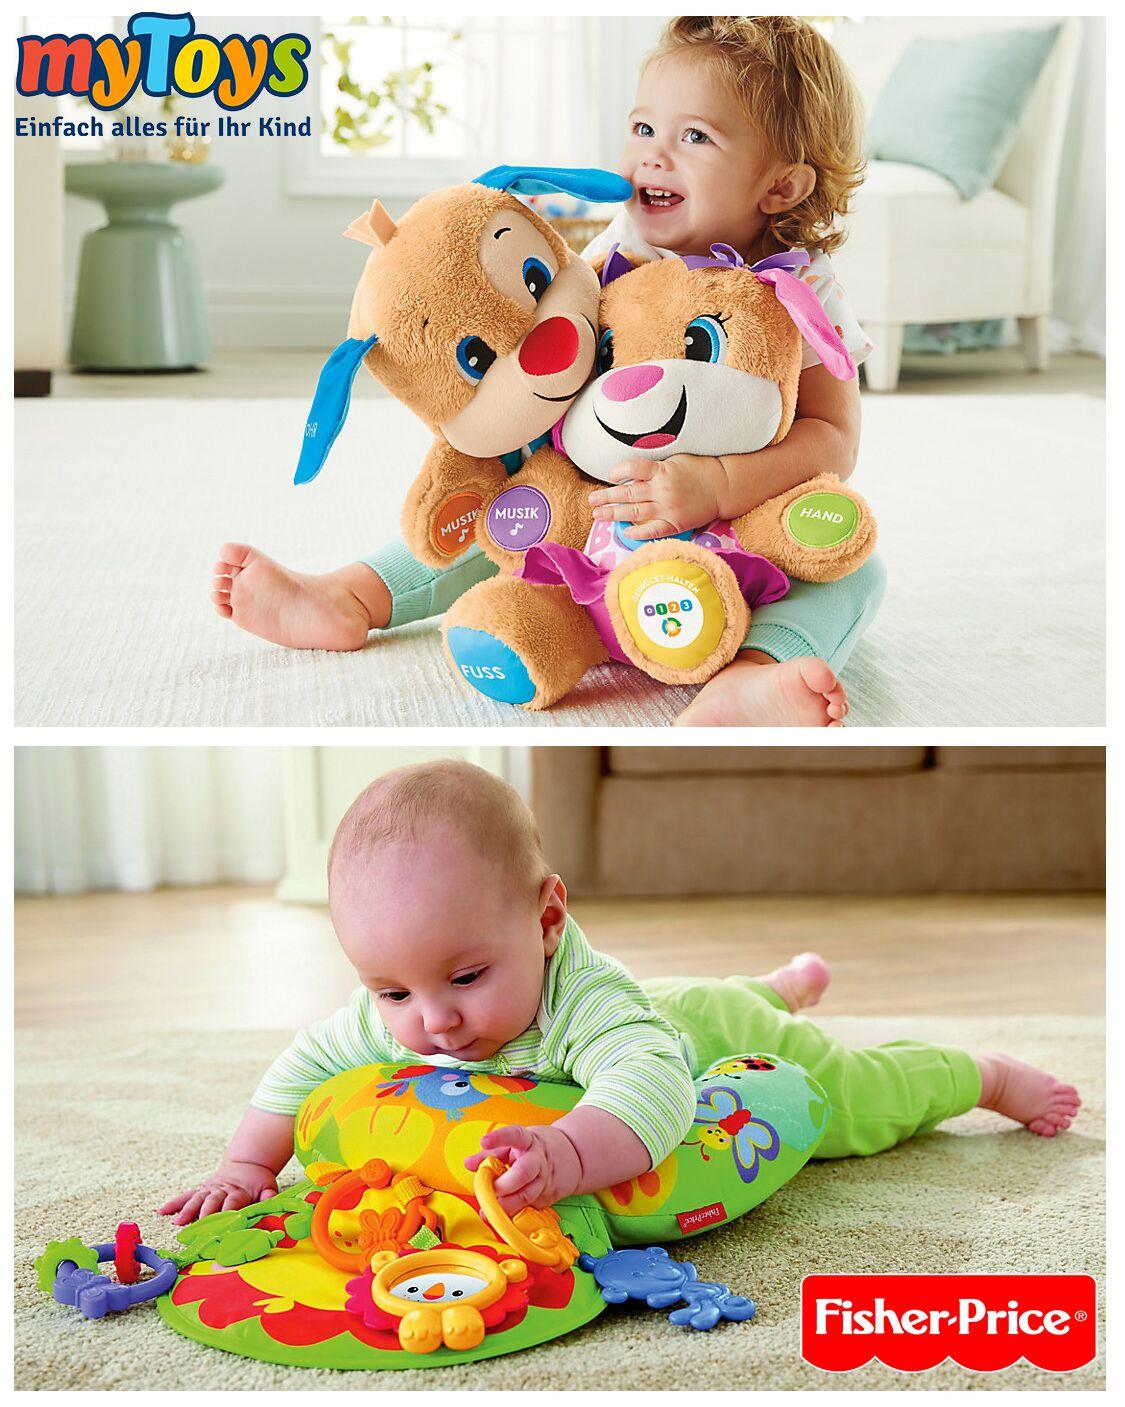 baby spielt mit siher price spielzeug